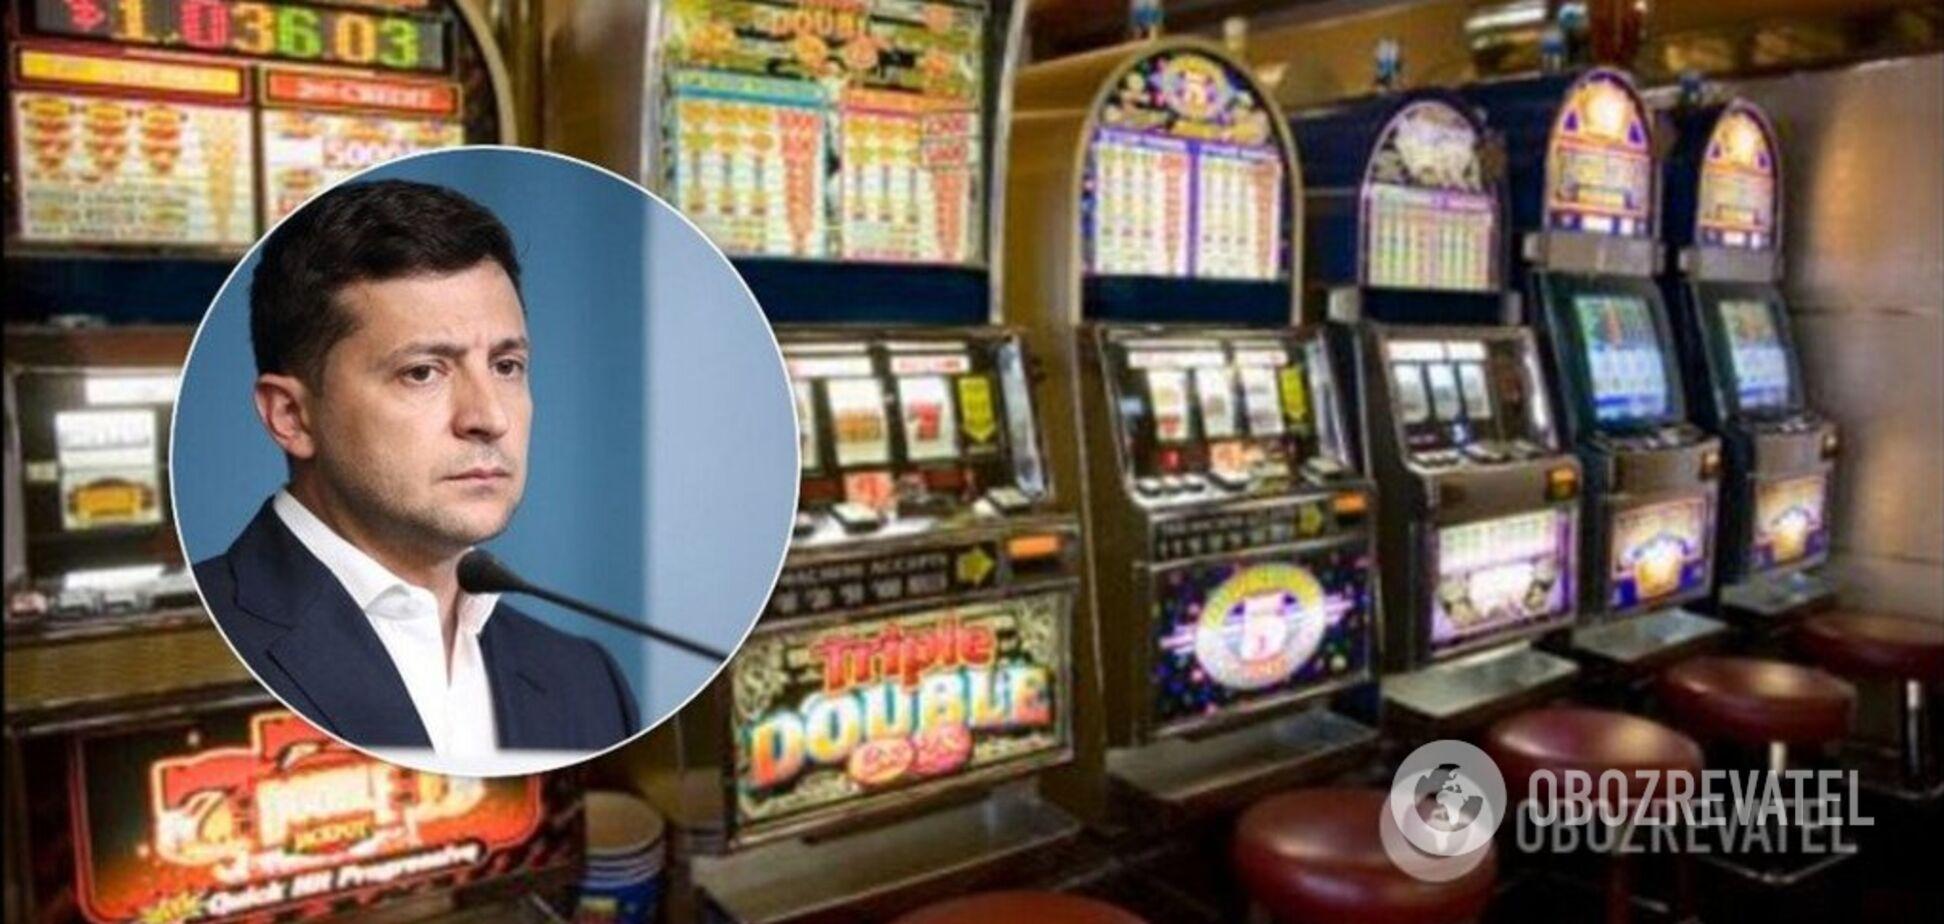 Как в Украине легализуют азартные игры и кто заработает: подводные камни